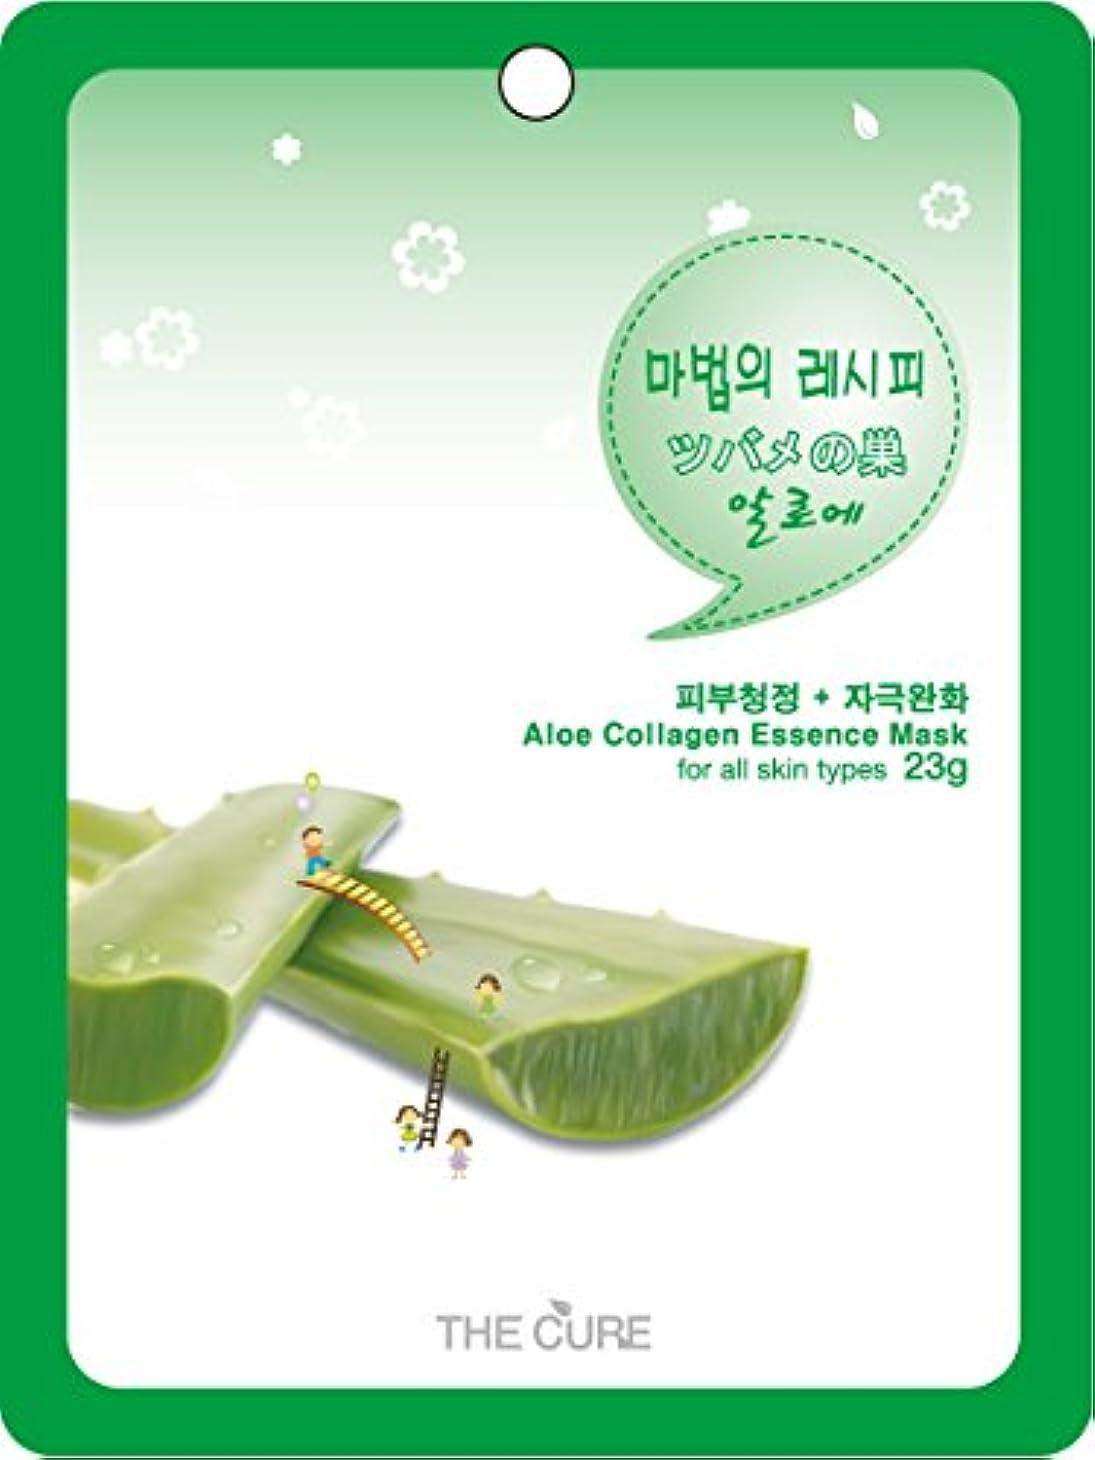 瞑想する聞く非公式アロエ コラーゲン エッセンス マスク THE CURE シート パック 100枚セット 韓国 コスメ 乾燥肌 オイリー肌 混合肌